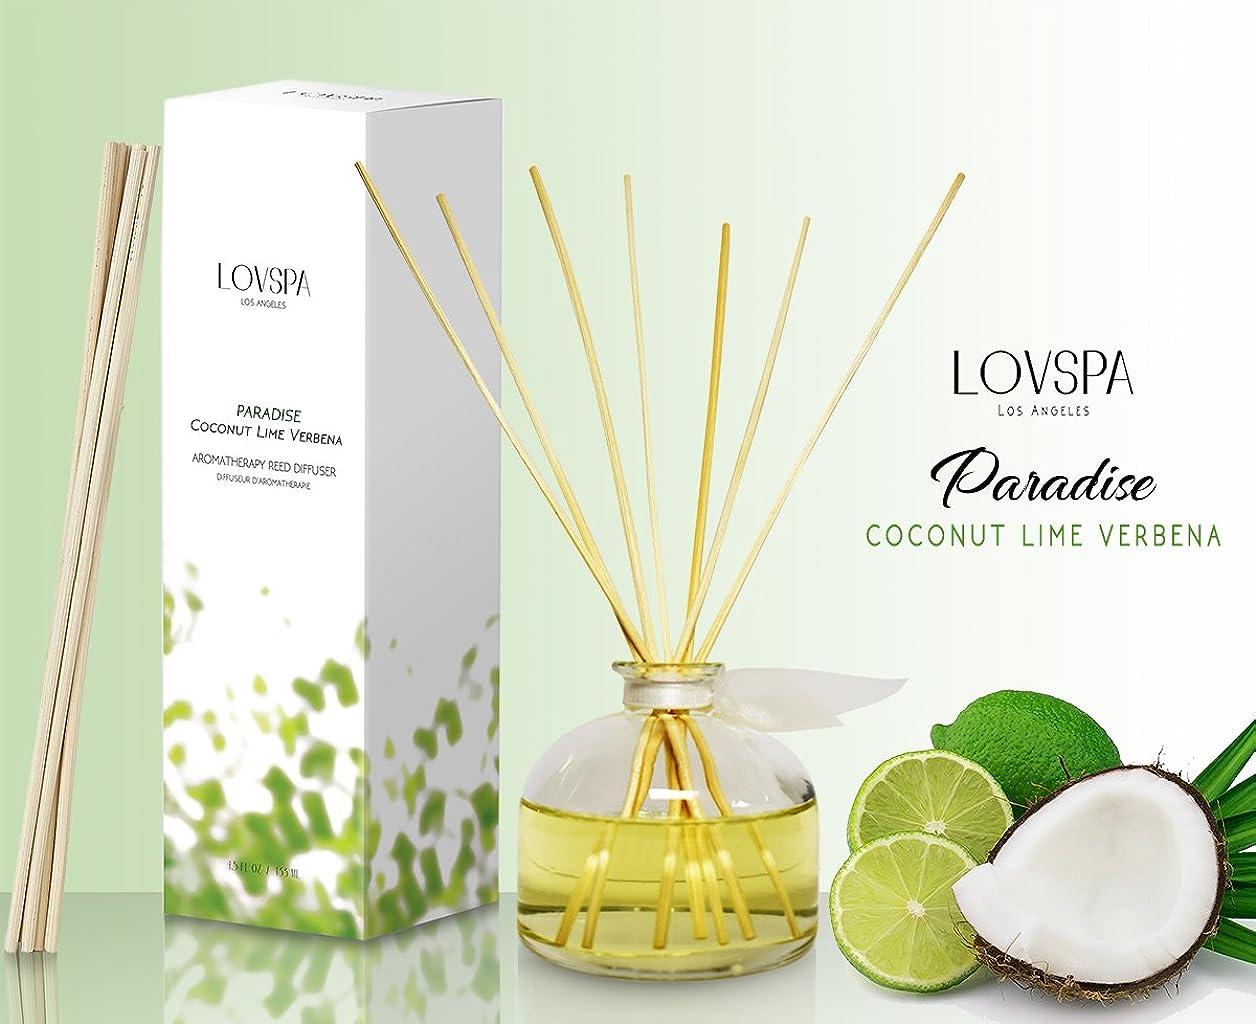 ギャップ悪性腫瘍涙が出るCOCONUT LIME VERBENA Fragrance Reed Diffuser PARADISE by LOVSPA Fragrances Tropical Blend of Lemon Verbena, Fresh Limes and Sweet Coconut Great Gift Idea for New Mom